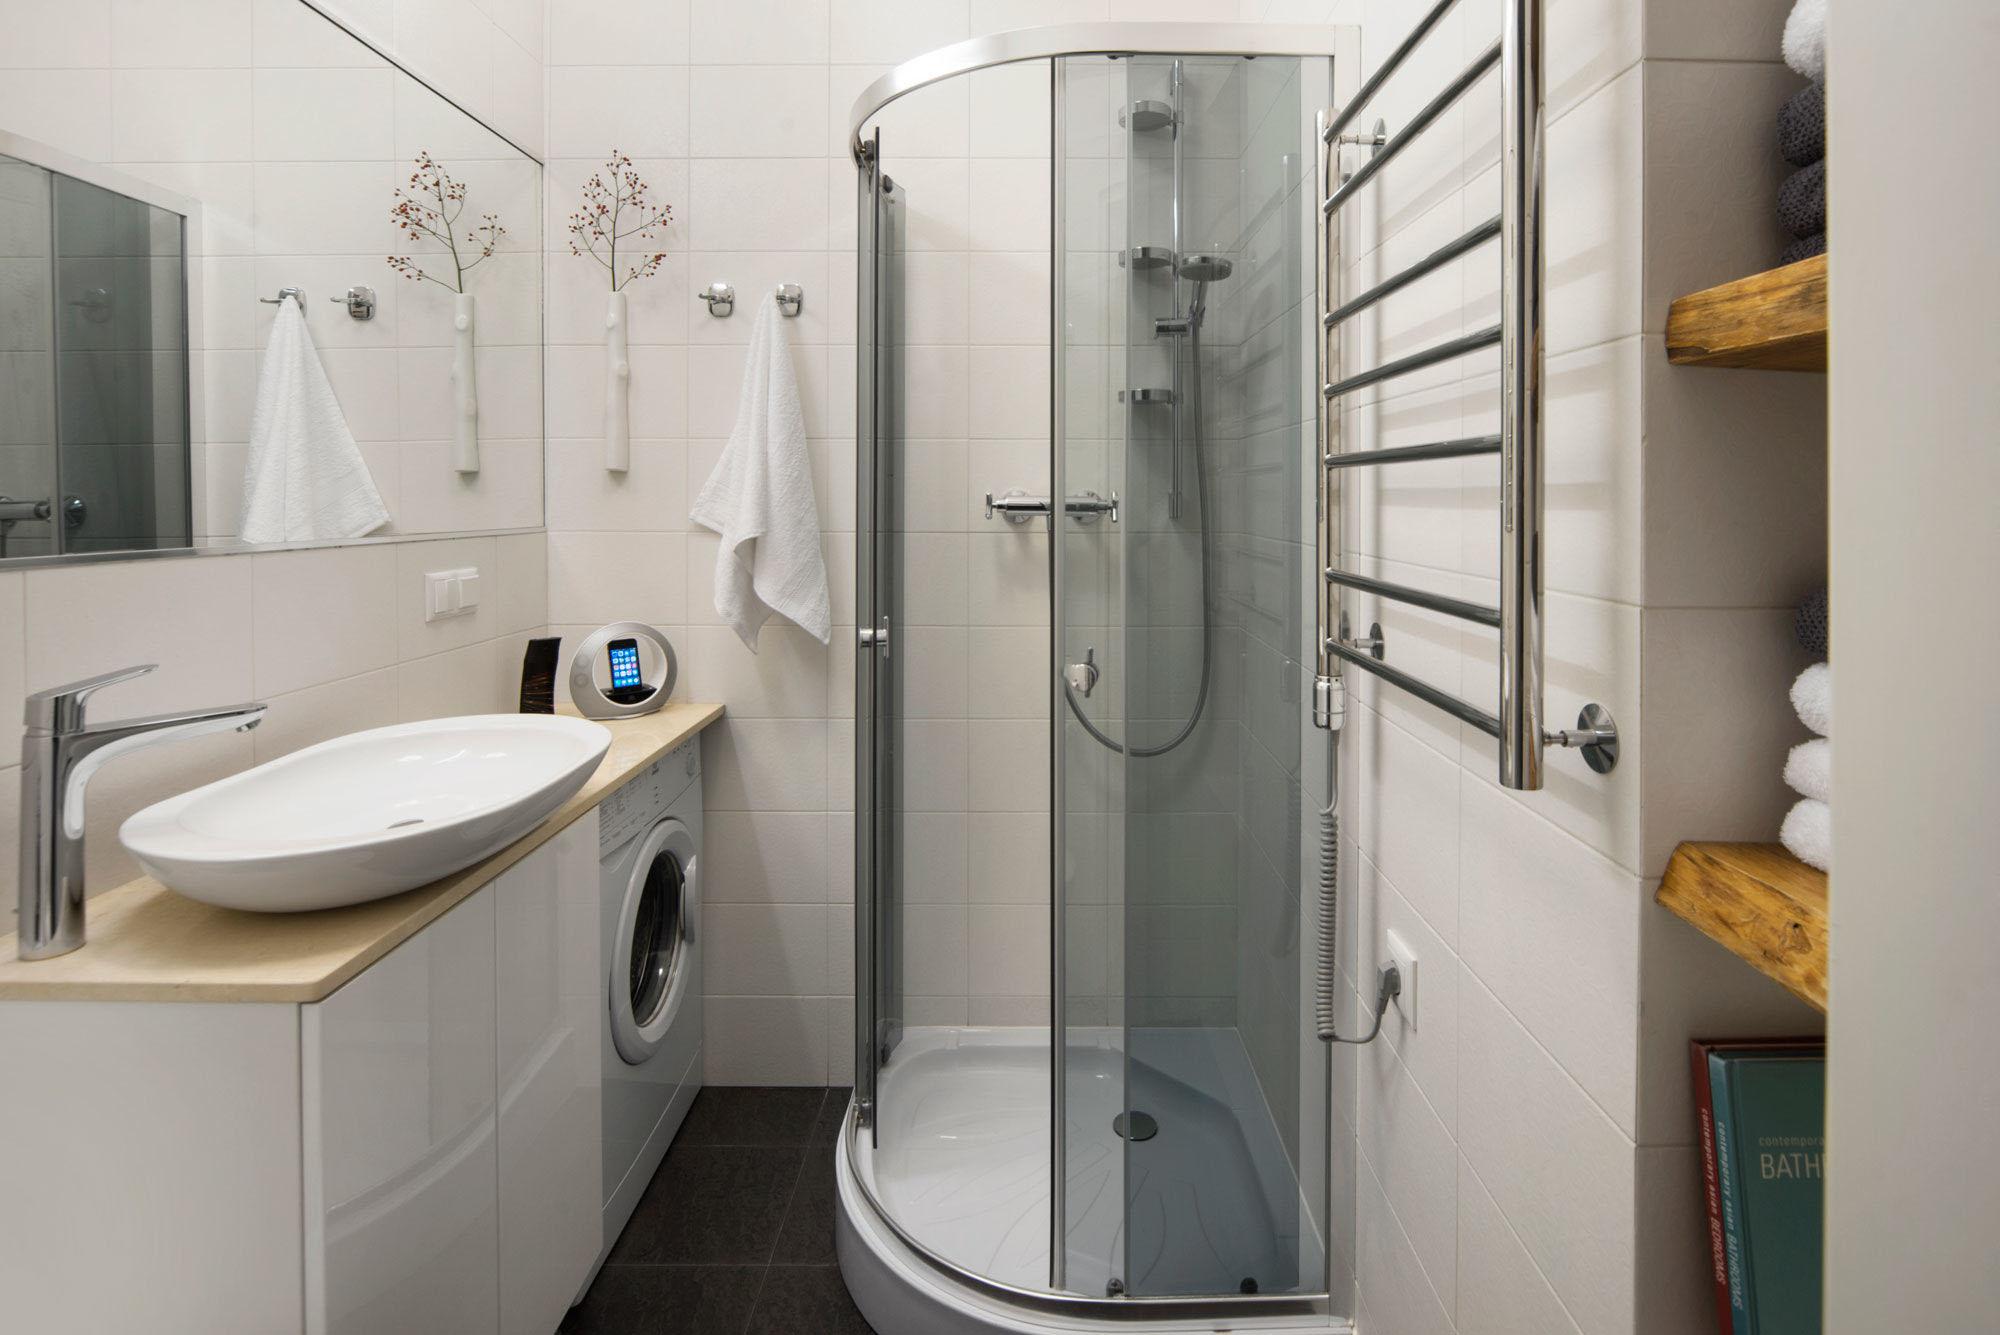 卫生间瓷砖如何选?有哪些注意事项?